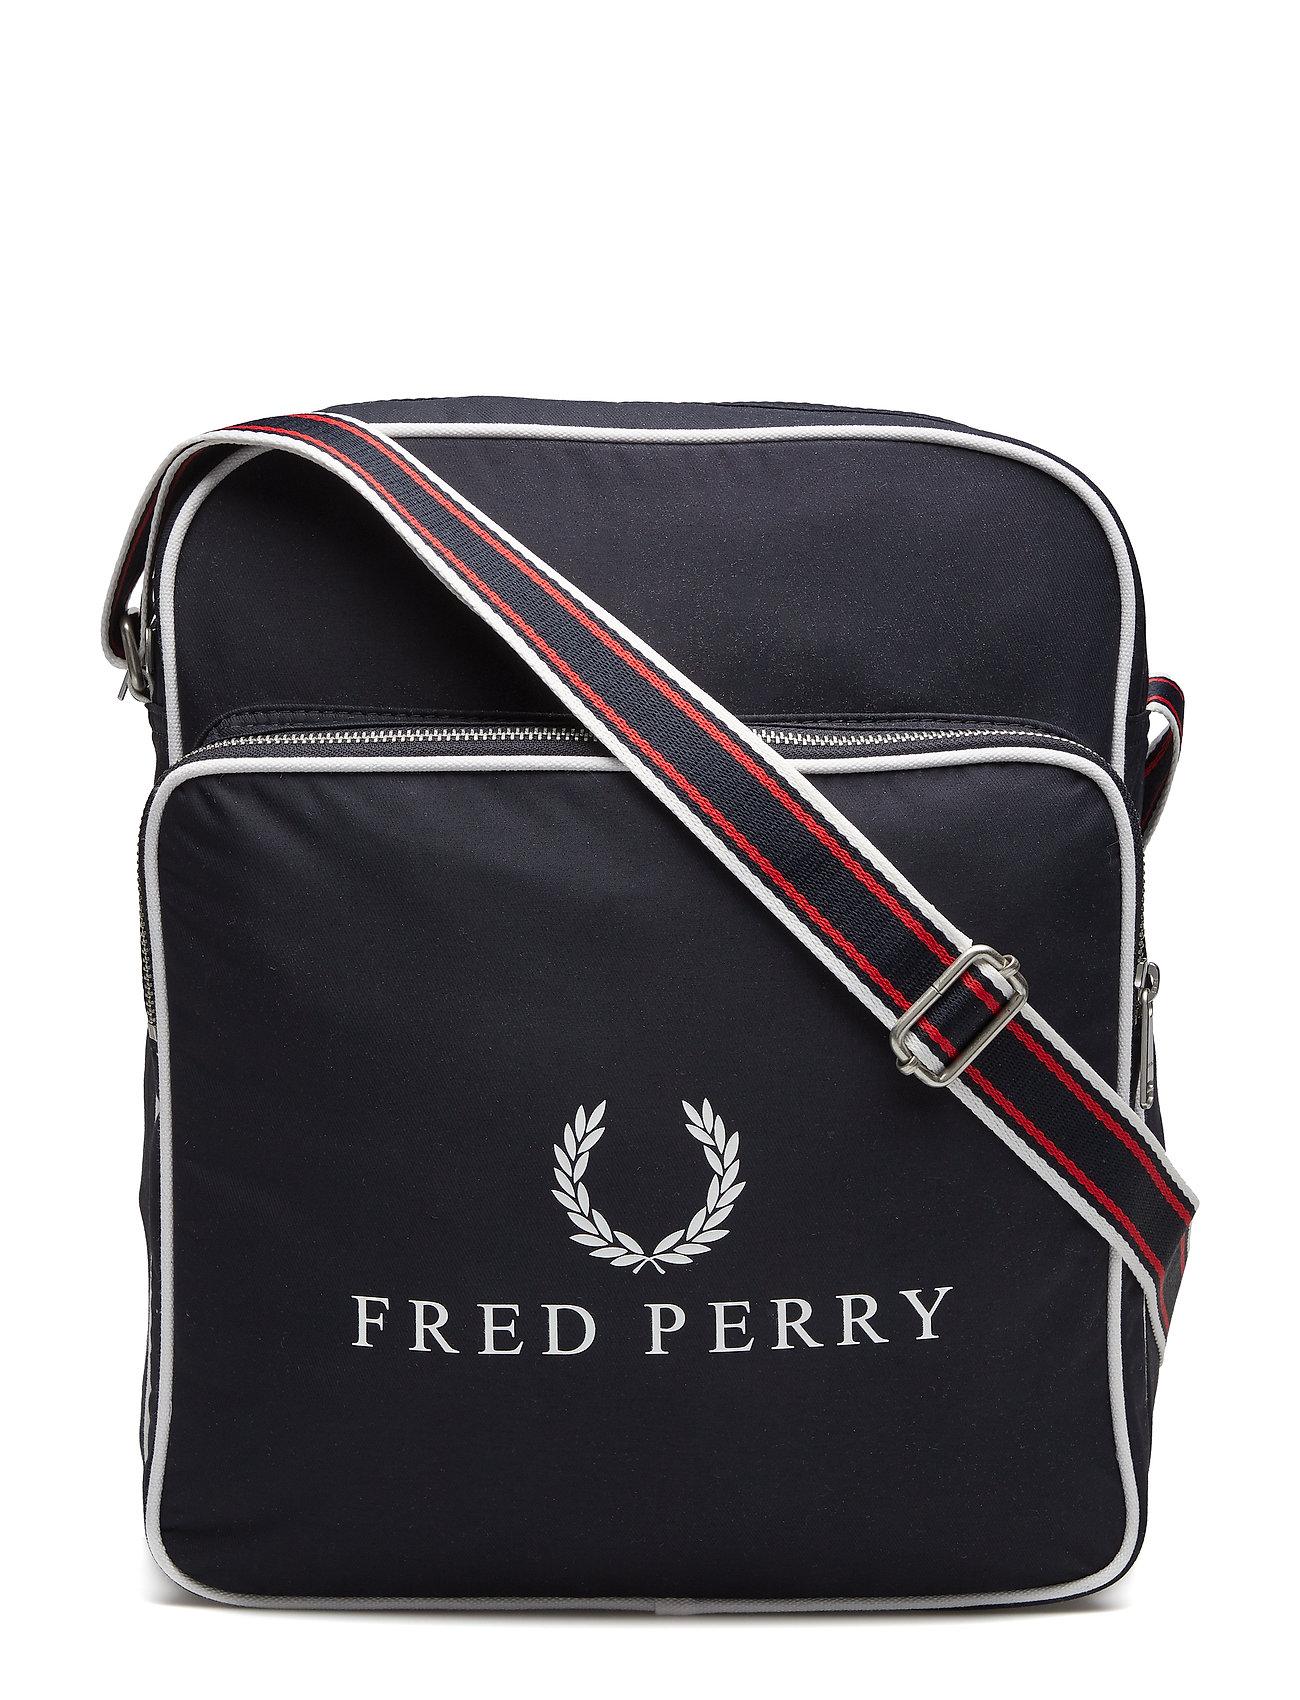 Fred Perry RETRO FLIGHT BAG